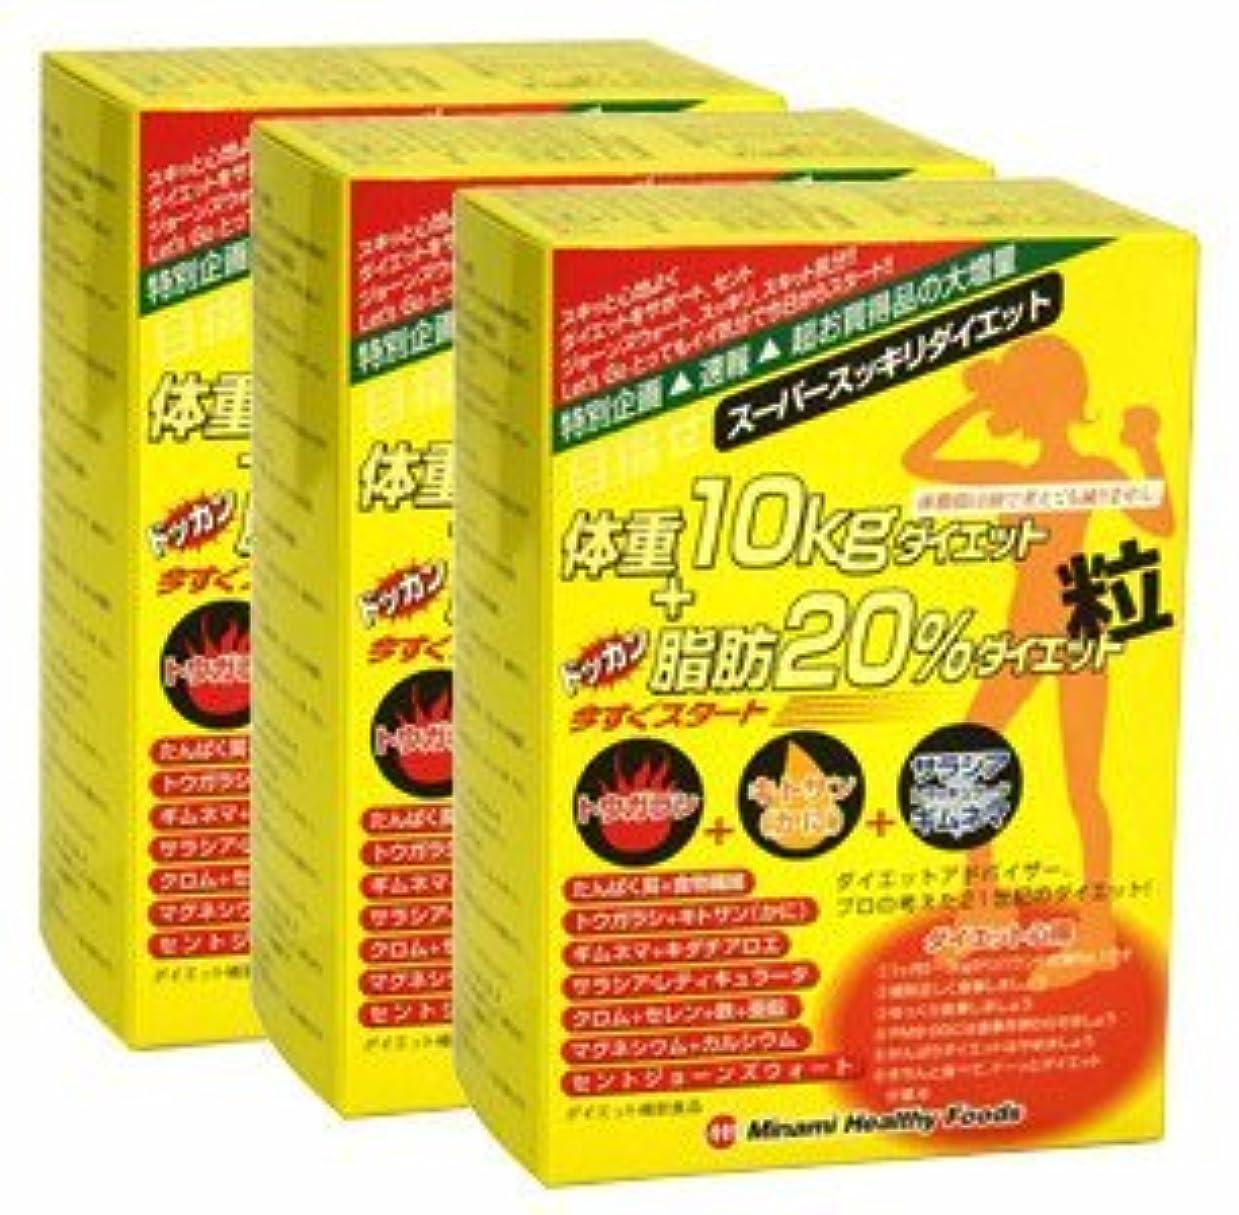 犯すツイン完全に目指せ体重10kg+ドッカン脂肪20%ダイエット粒【3箱セット】ミナミヘルシーフーズ